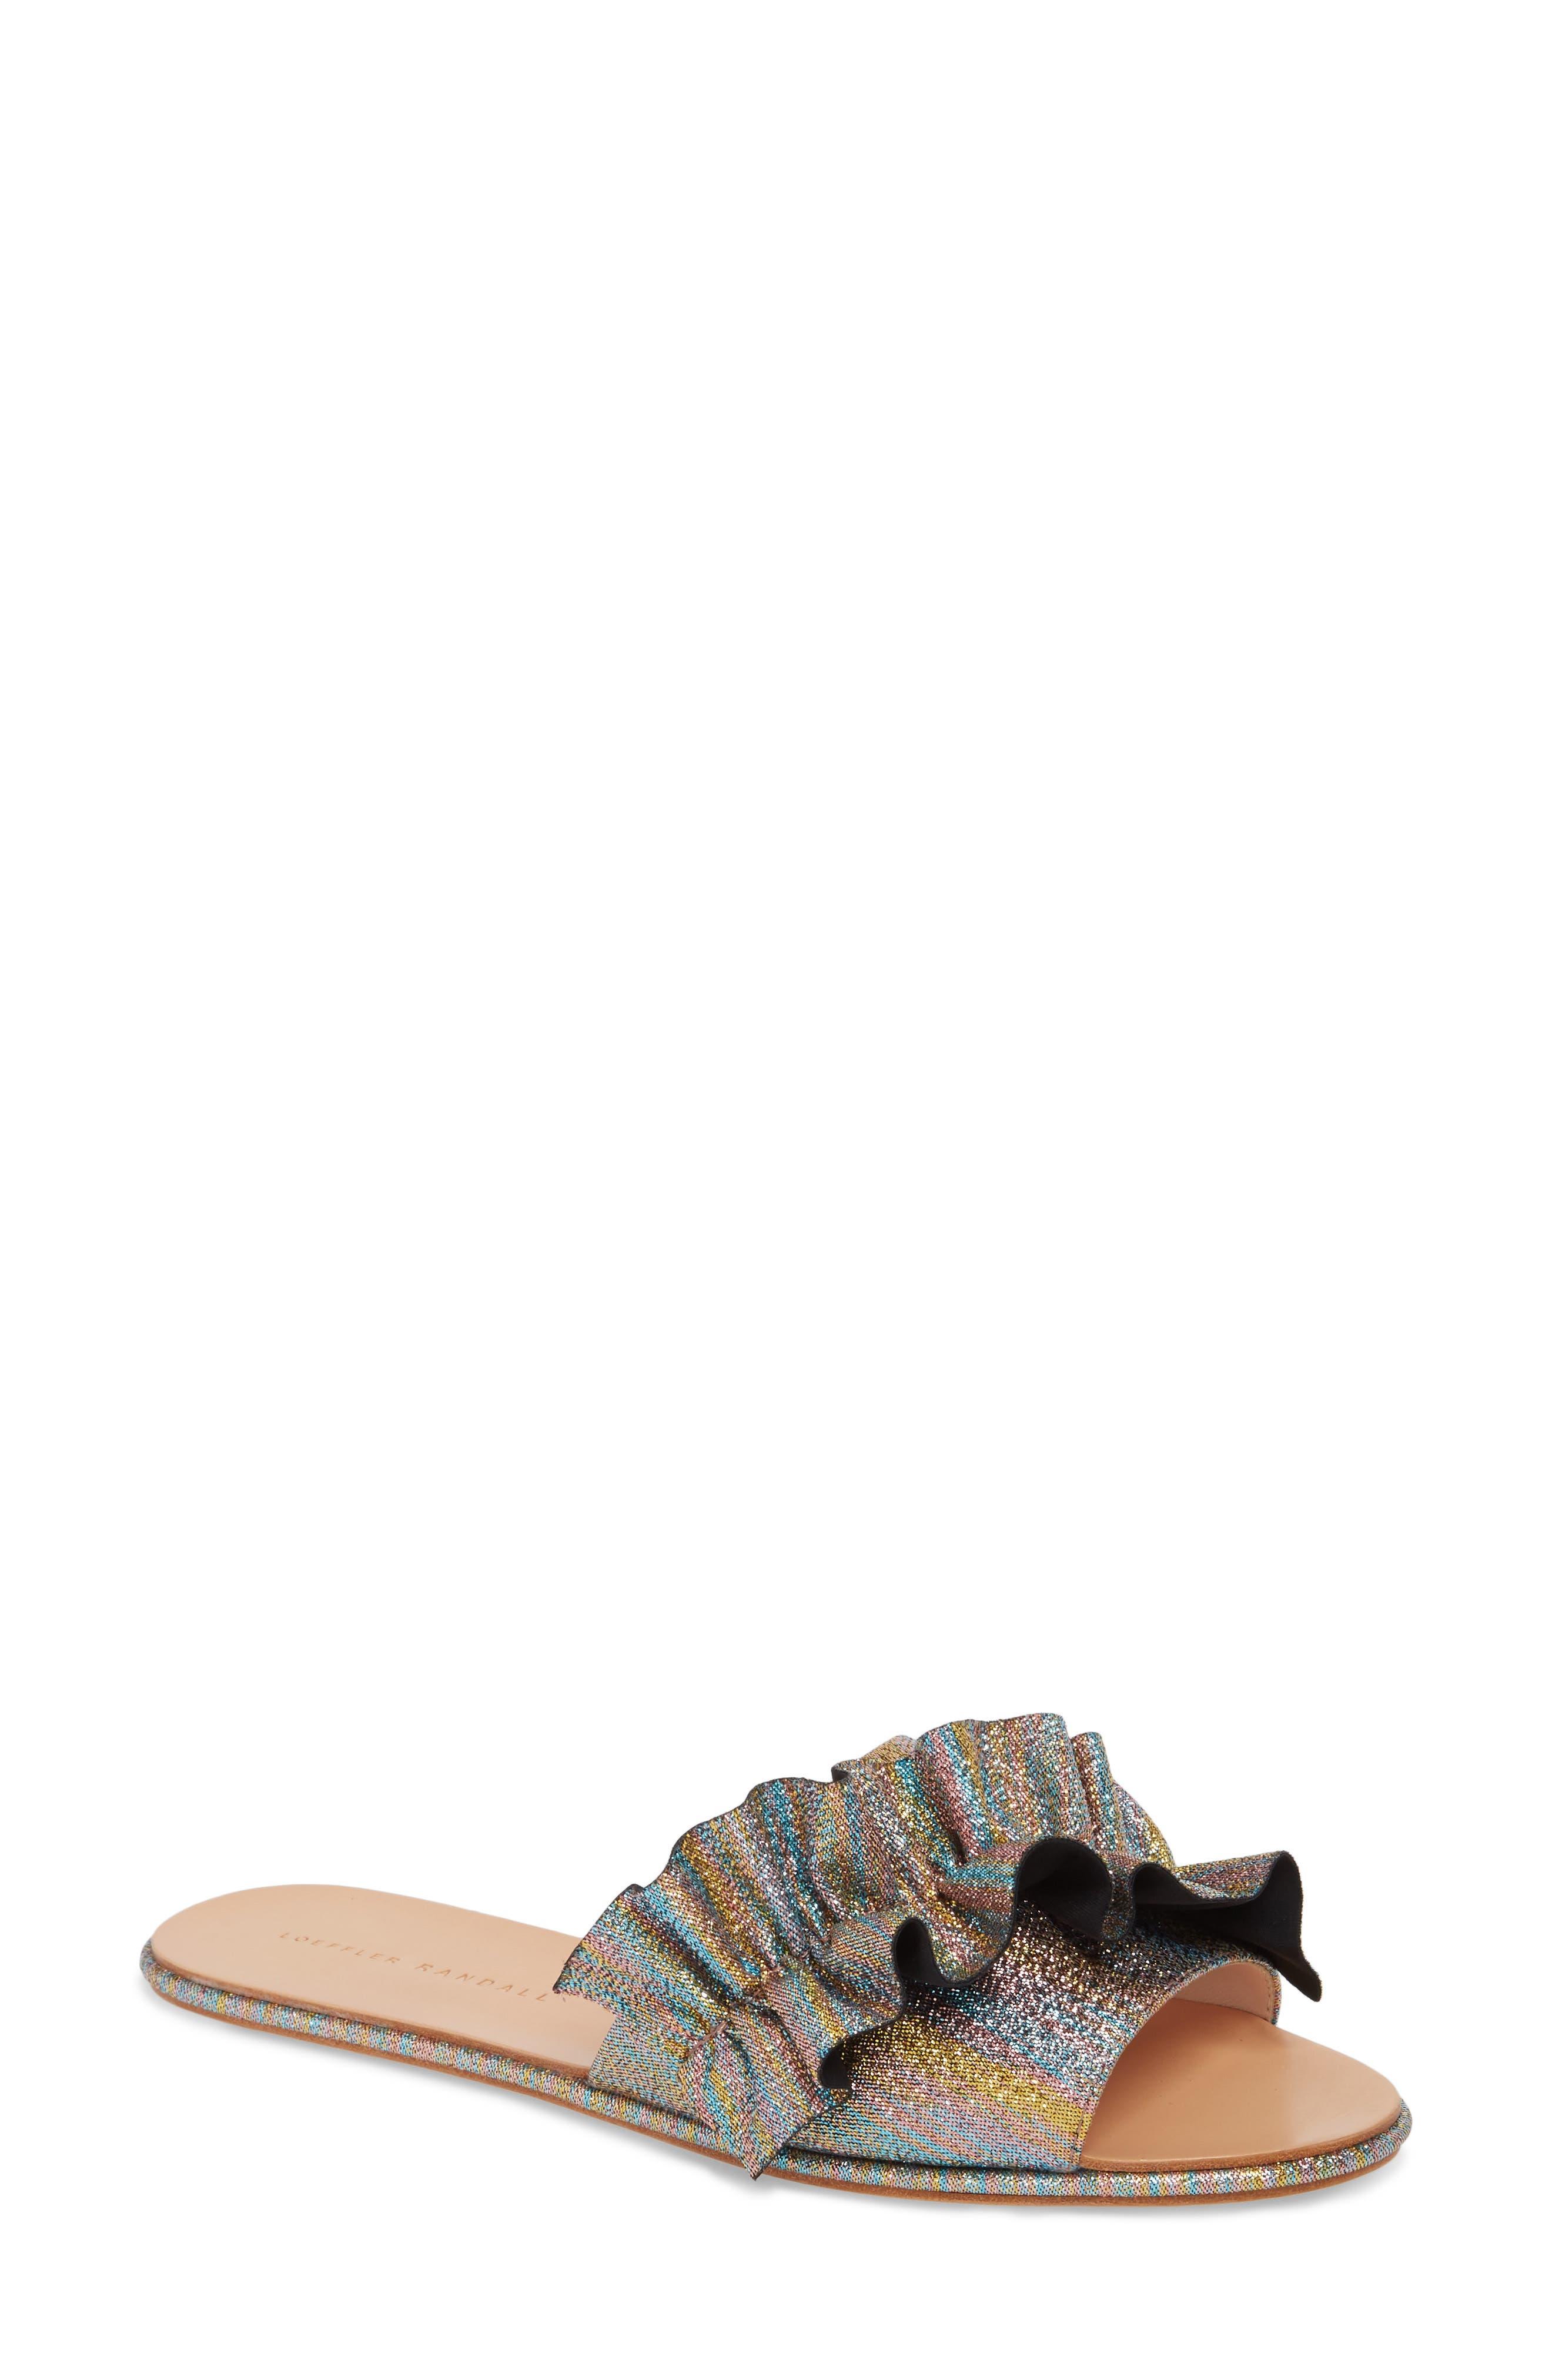 Loeffler Randall Rey Slide Sandal (Women)